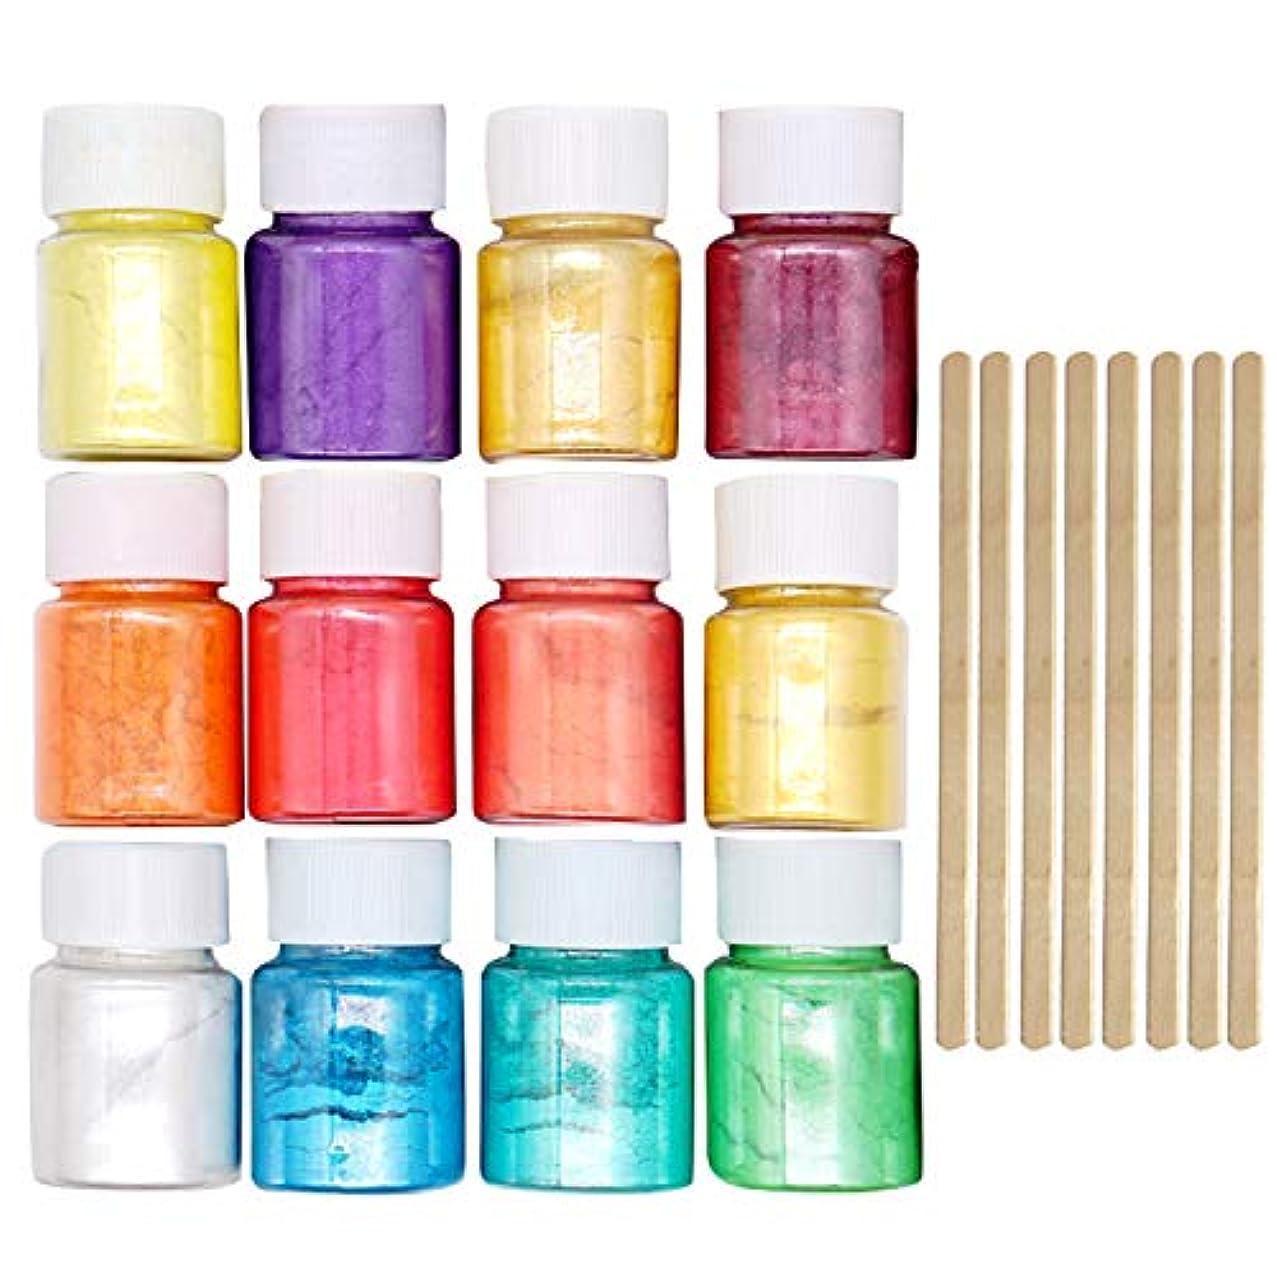 アソシエイトつかの間適性マイカパウダー Migavan マイカパールパウダー 12色着色剤顔料雲母真珠パウダーで8ピース木製攪拌棒diyネイルアートクラフトプロジェクトスライム作り用品